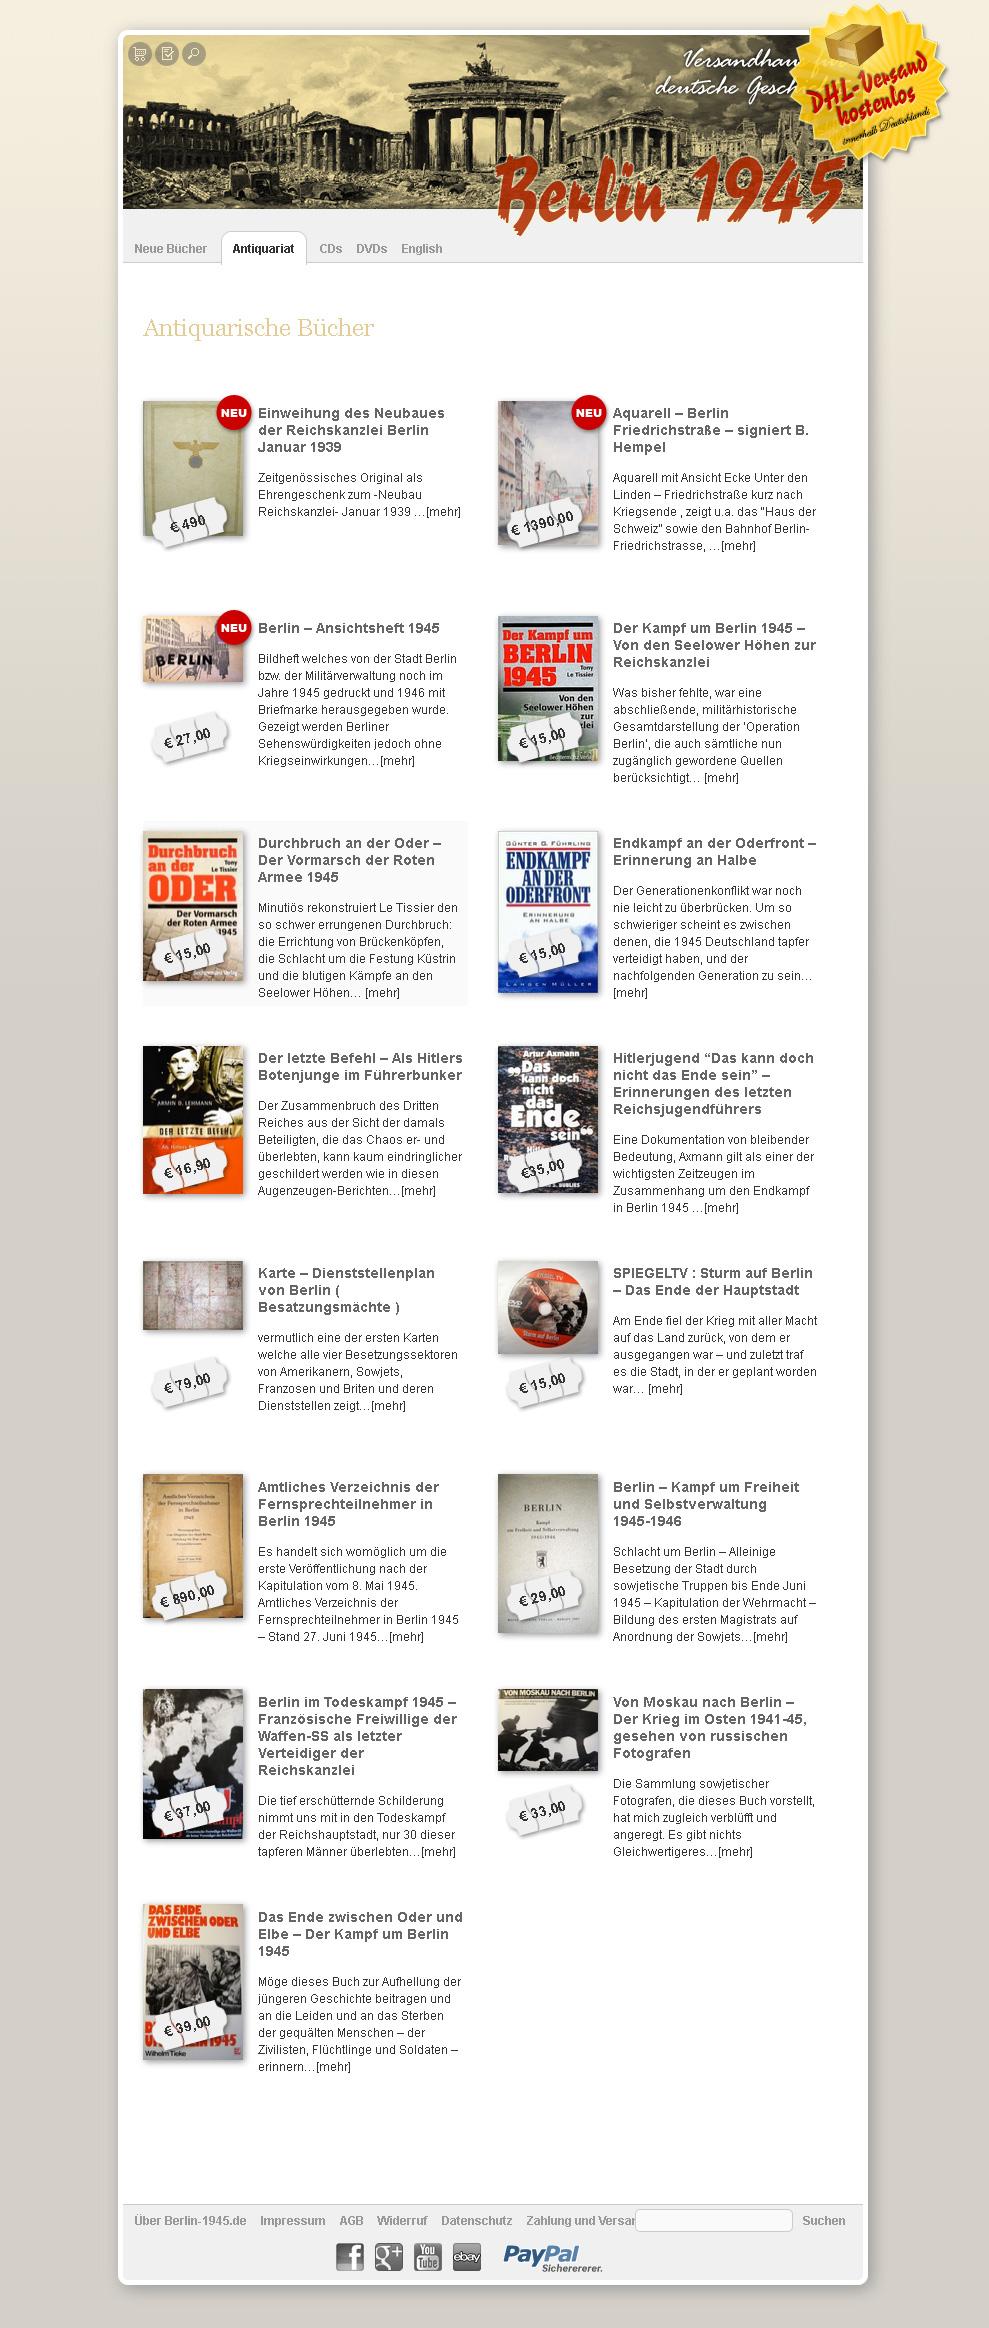 Berlin-1945.de. Büchershop zum Thema Nationalsozialismus. Umgesetzt mit WordPress und Easy-Cart.